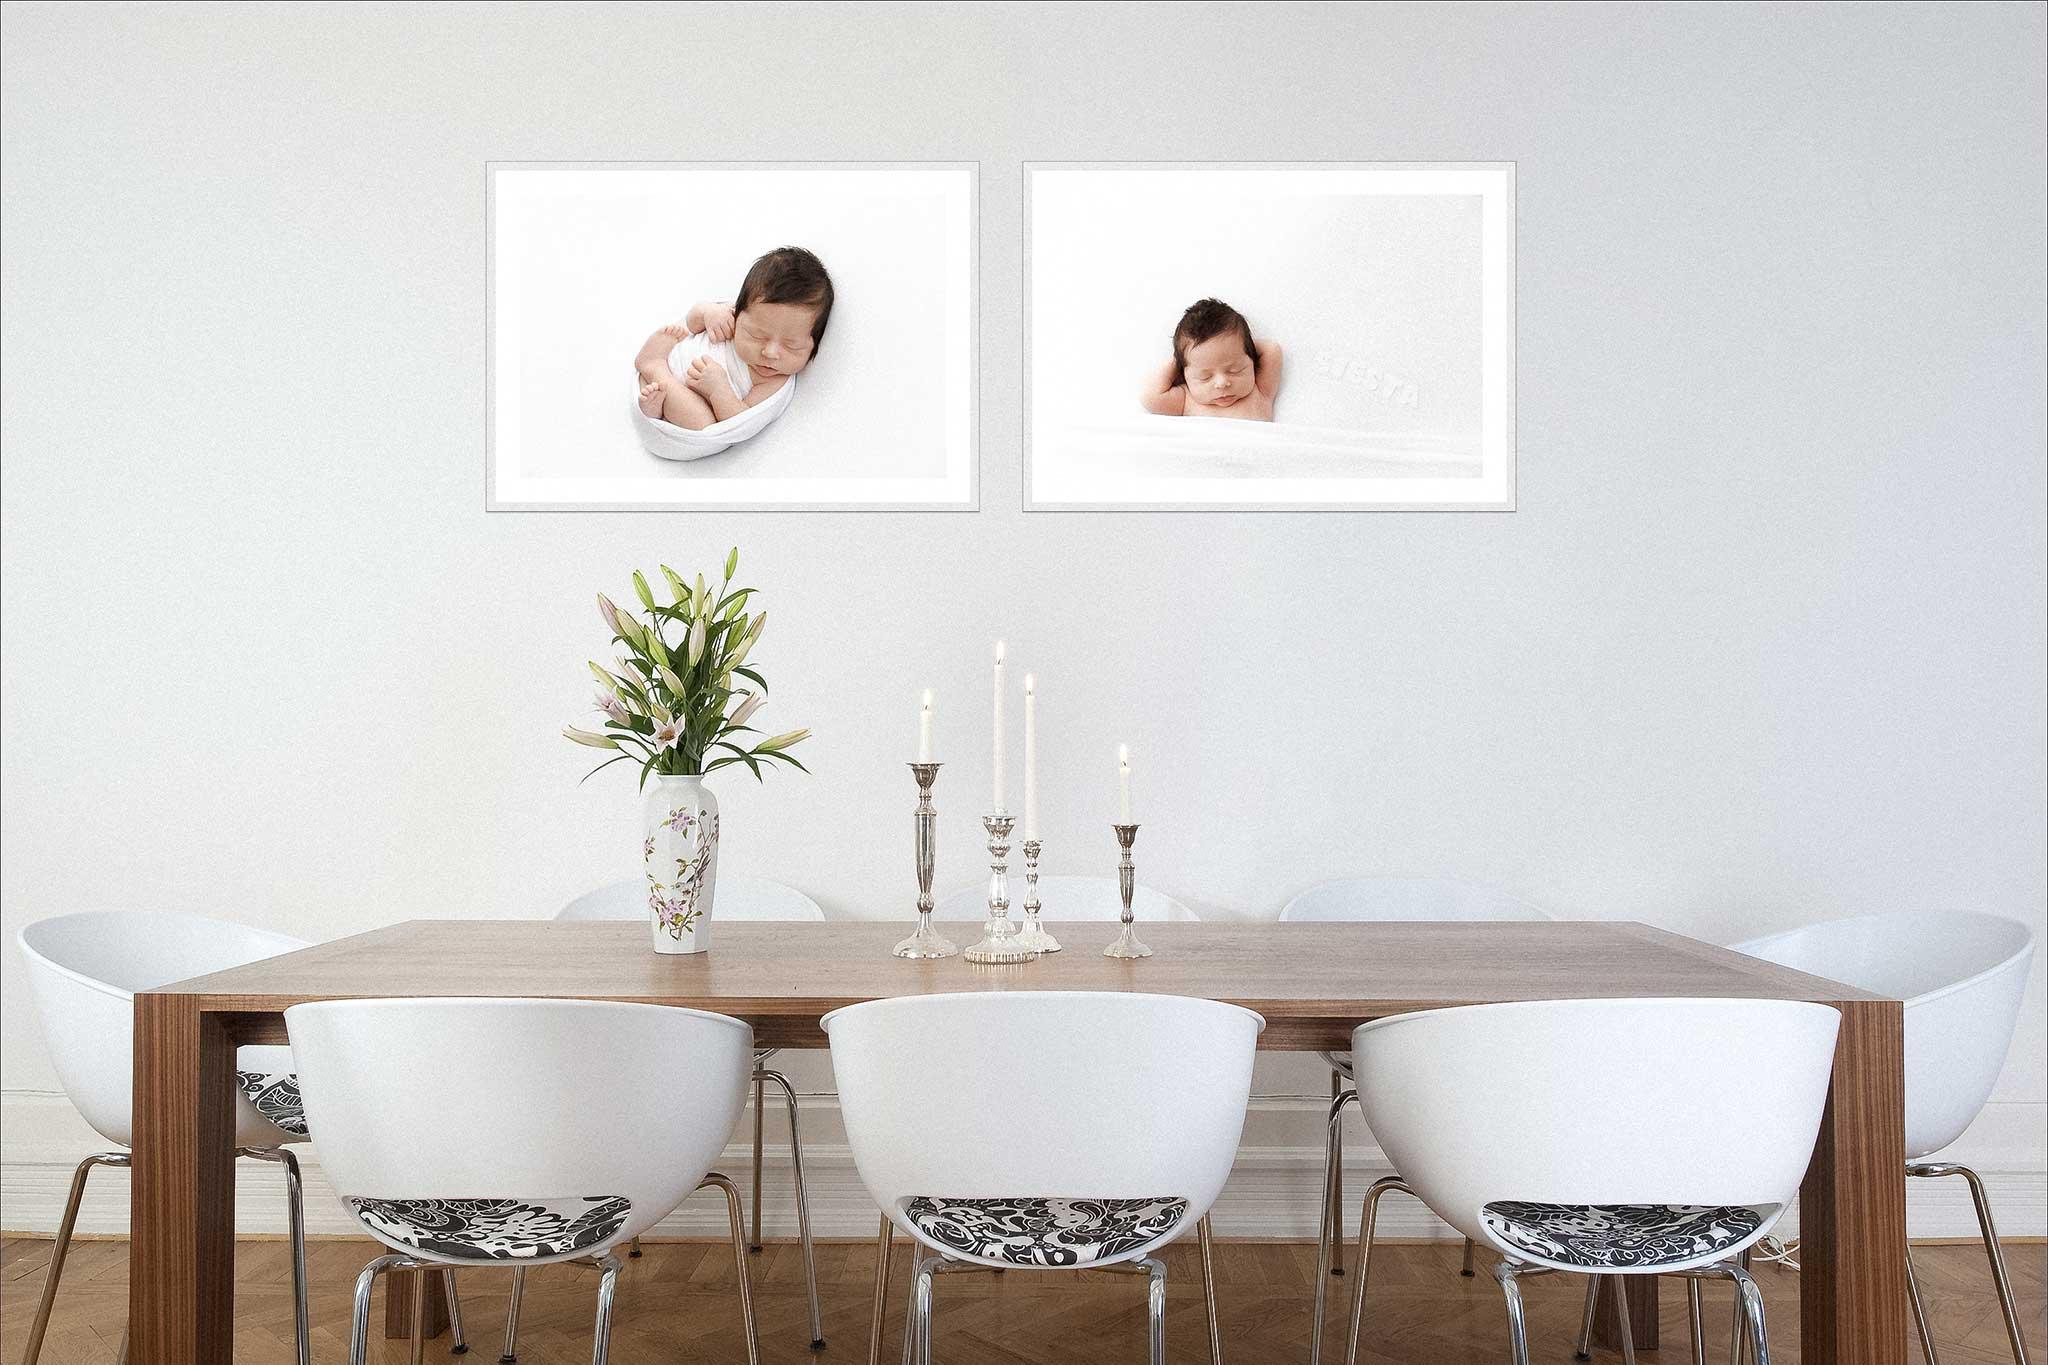 Produkte Fotografin München: Wandbild und Galerien